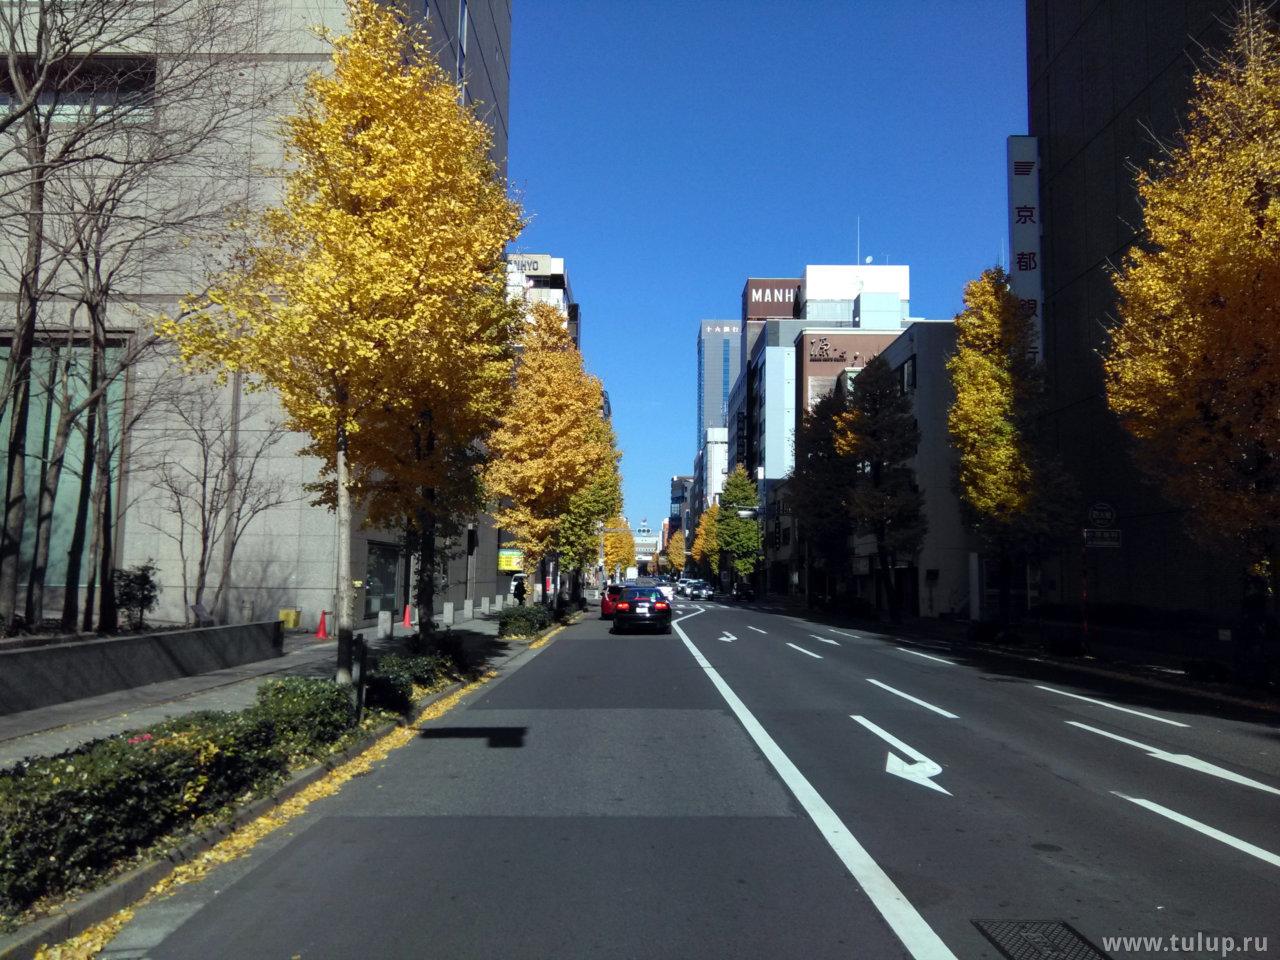 Gingko street